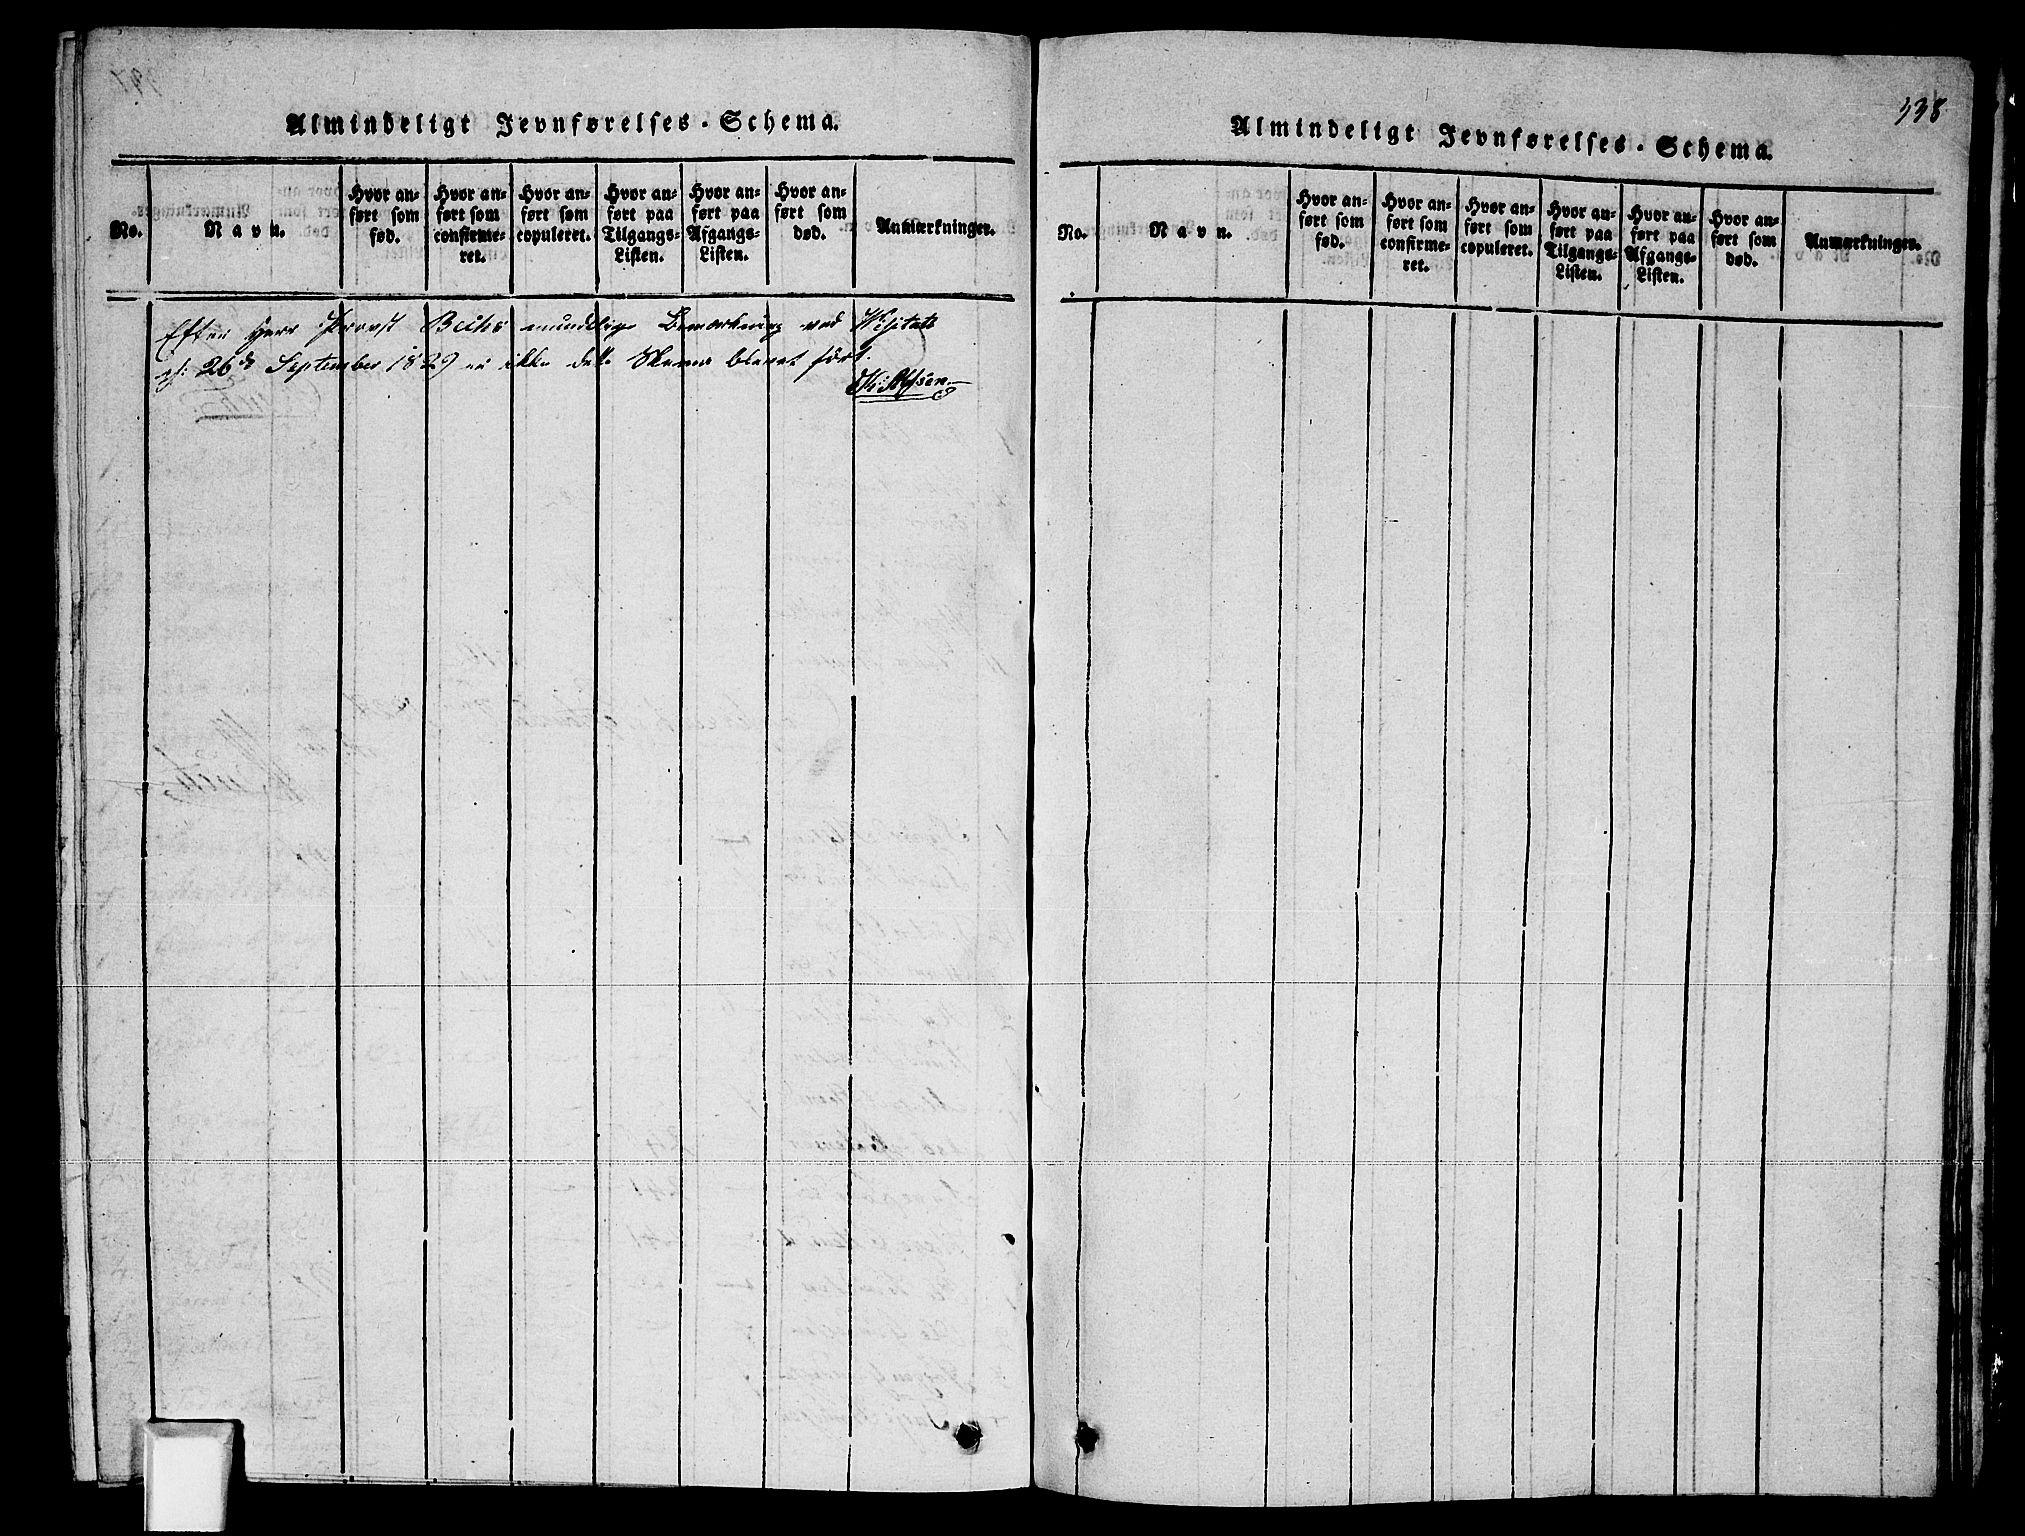 SAKO, Fyresdal kirkebøker, G/Ga/L0002: Klokkerbok nr. I 2, 1815-1857, s. 338